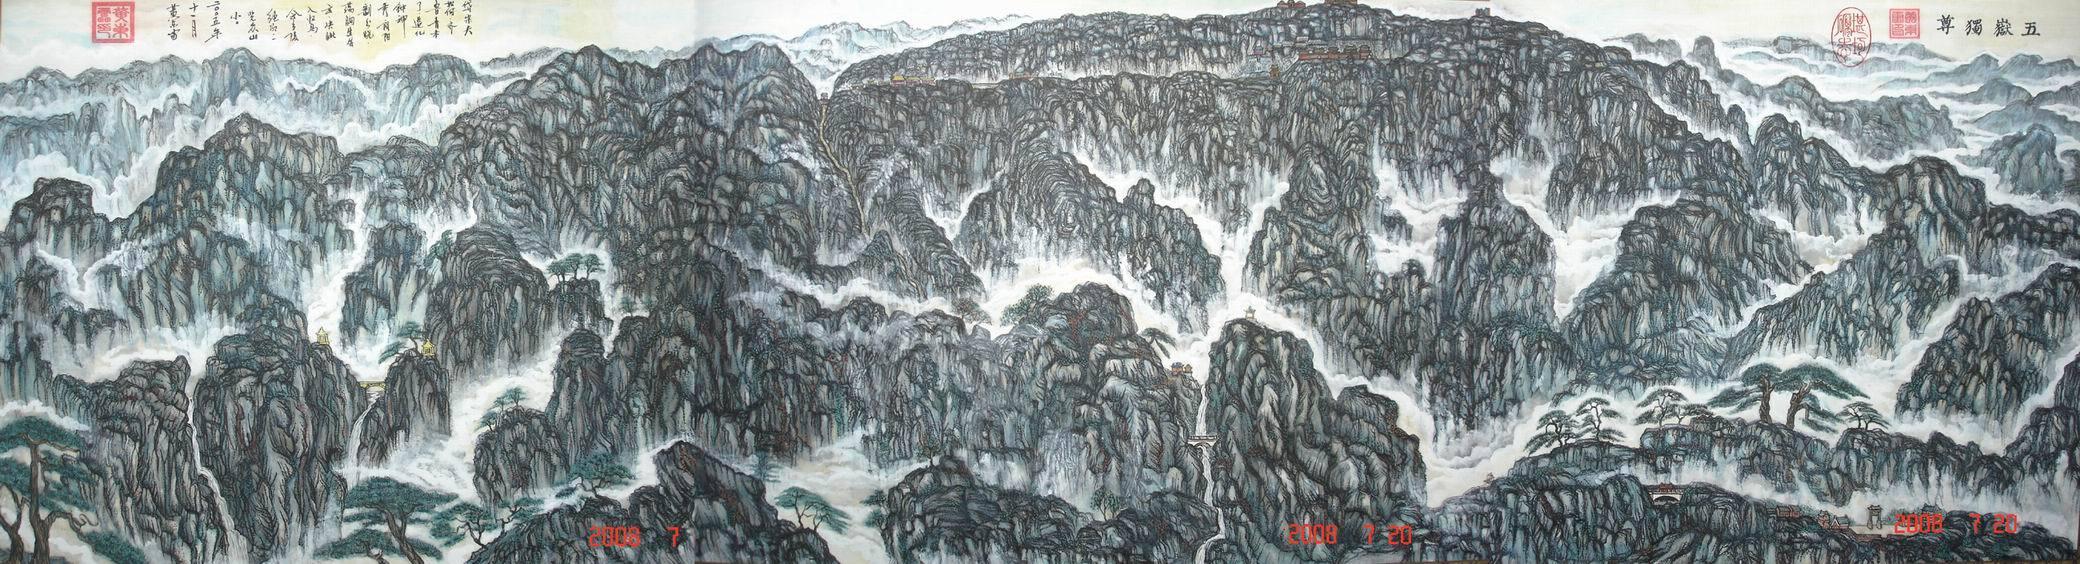 黄东雷国画作品《五岳独尊》